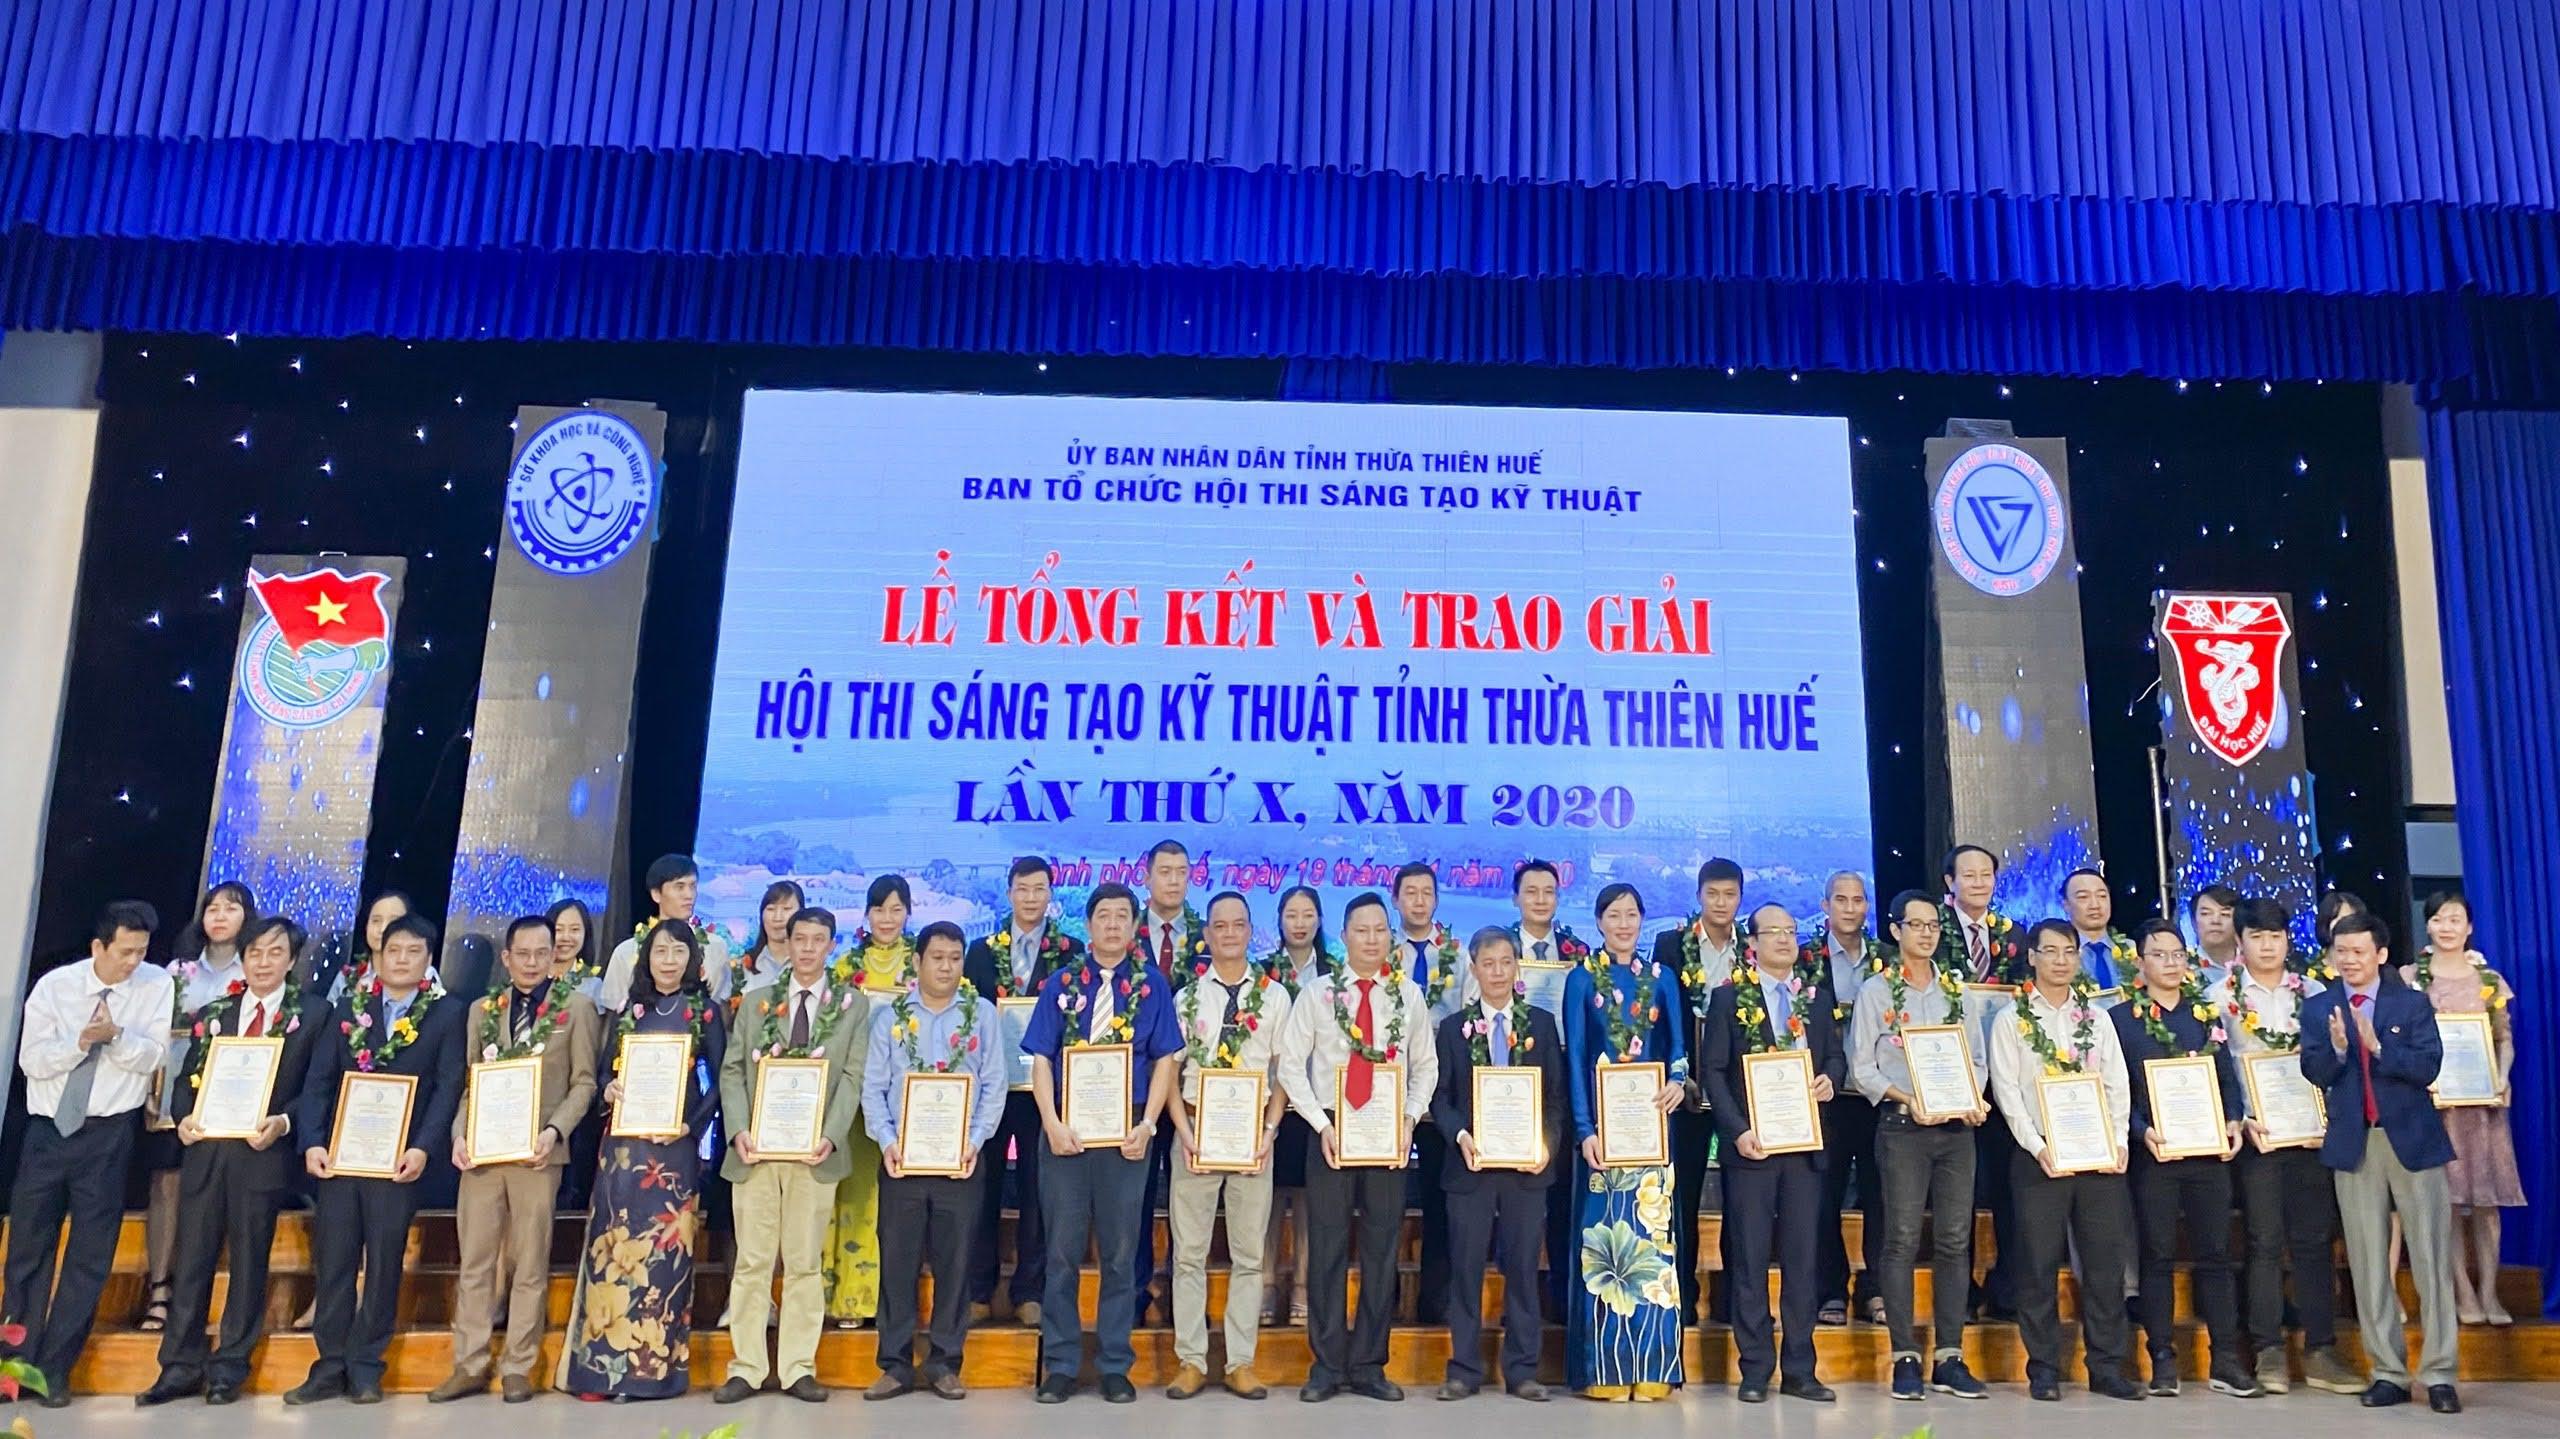 Trường Đại học Y Dược có 7 đề tài đạt giải thưởng tại Hội thi Sáng tạo Kỹ thuật tỉnh Thừa Thiên Huế năm 2020